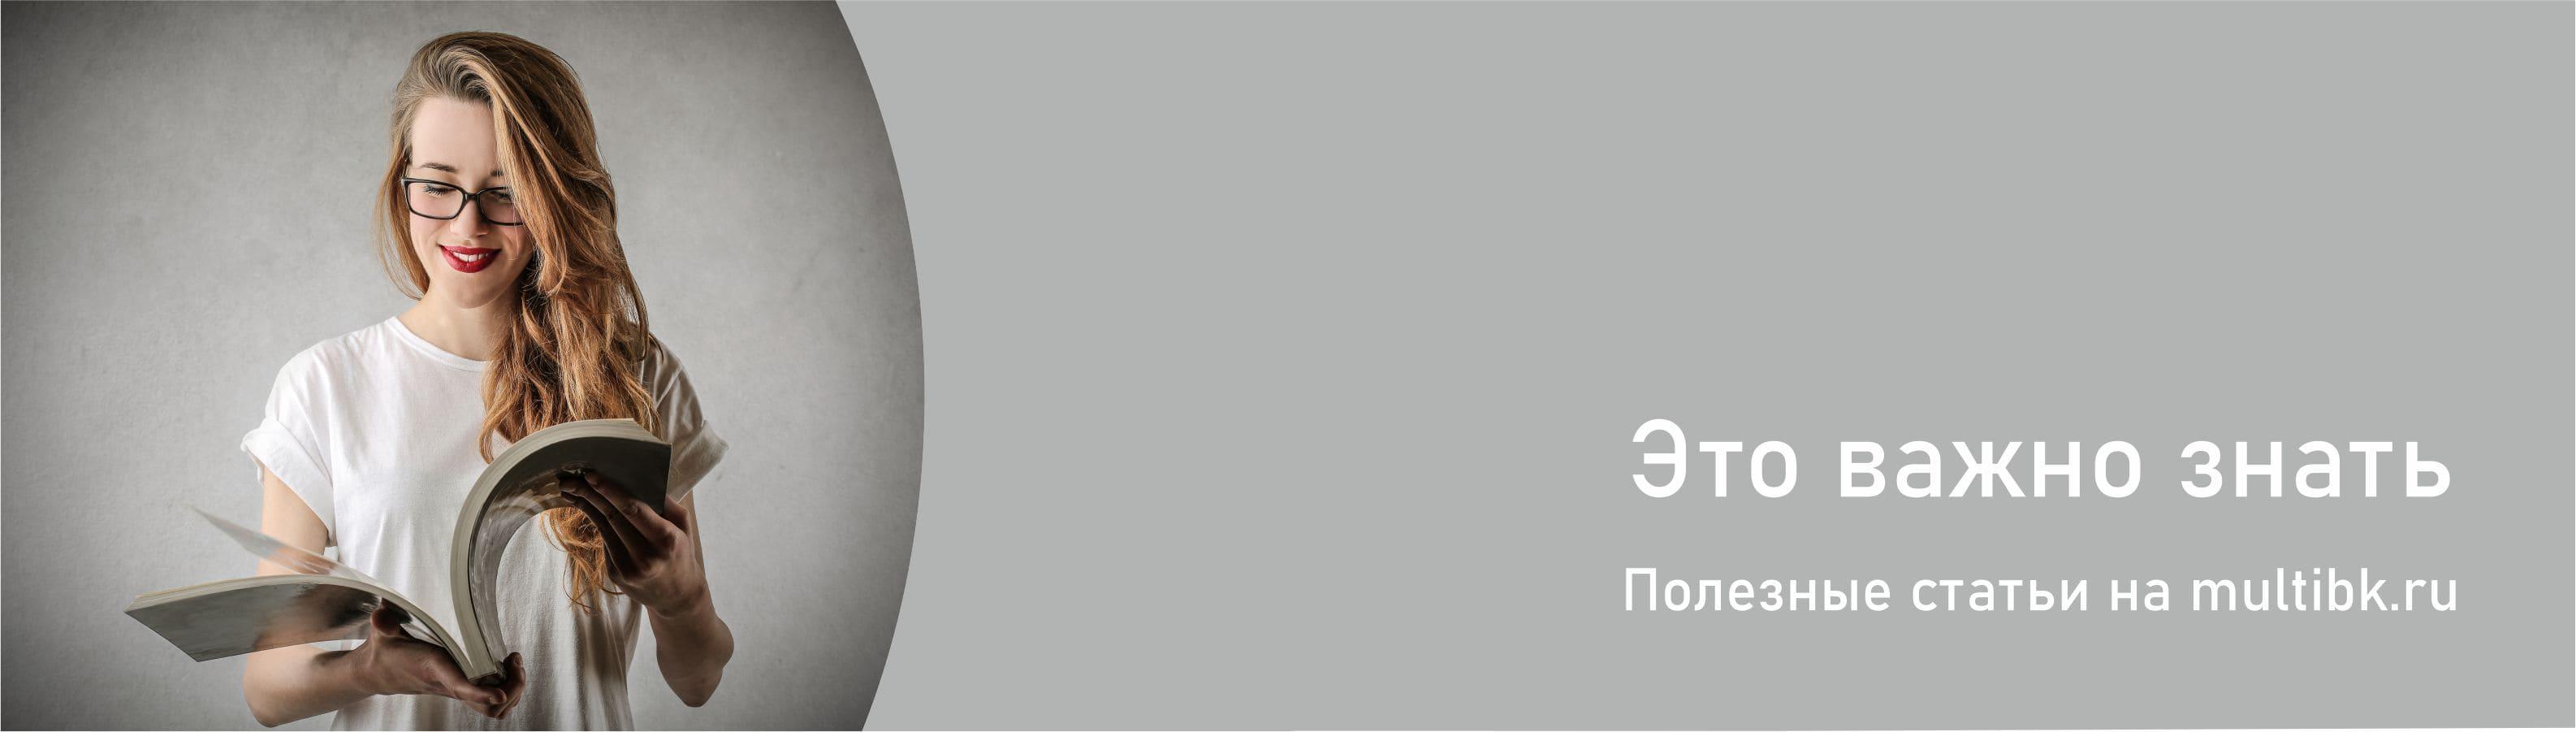 журнал мультибанк